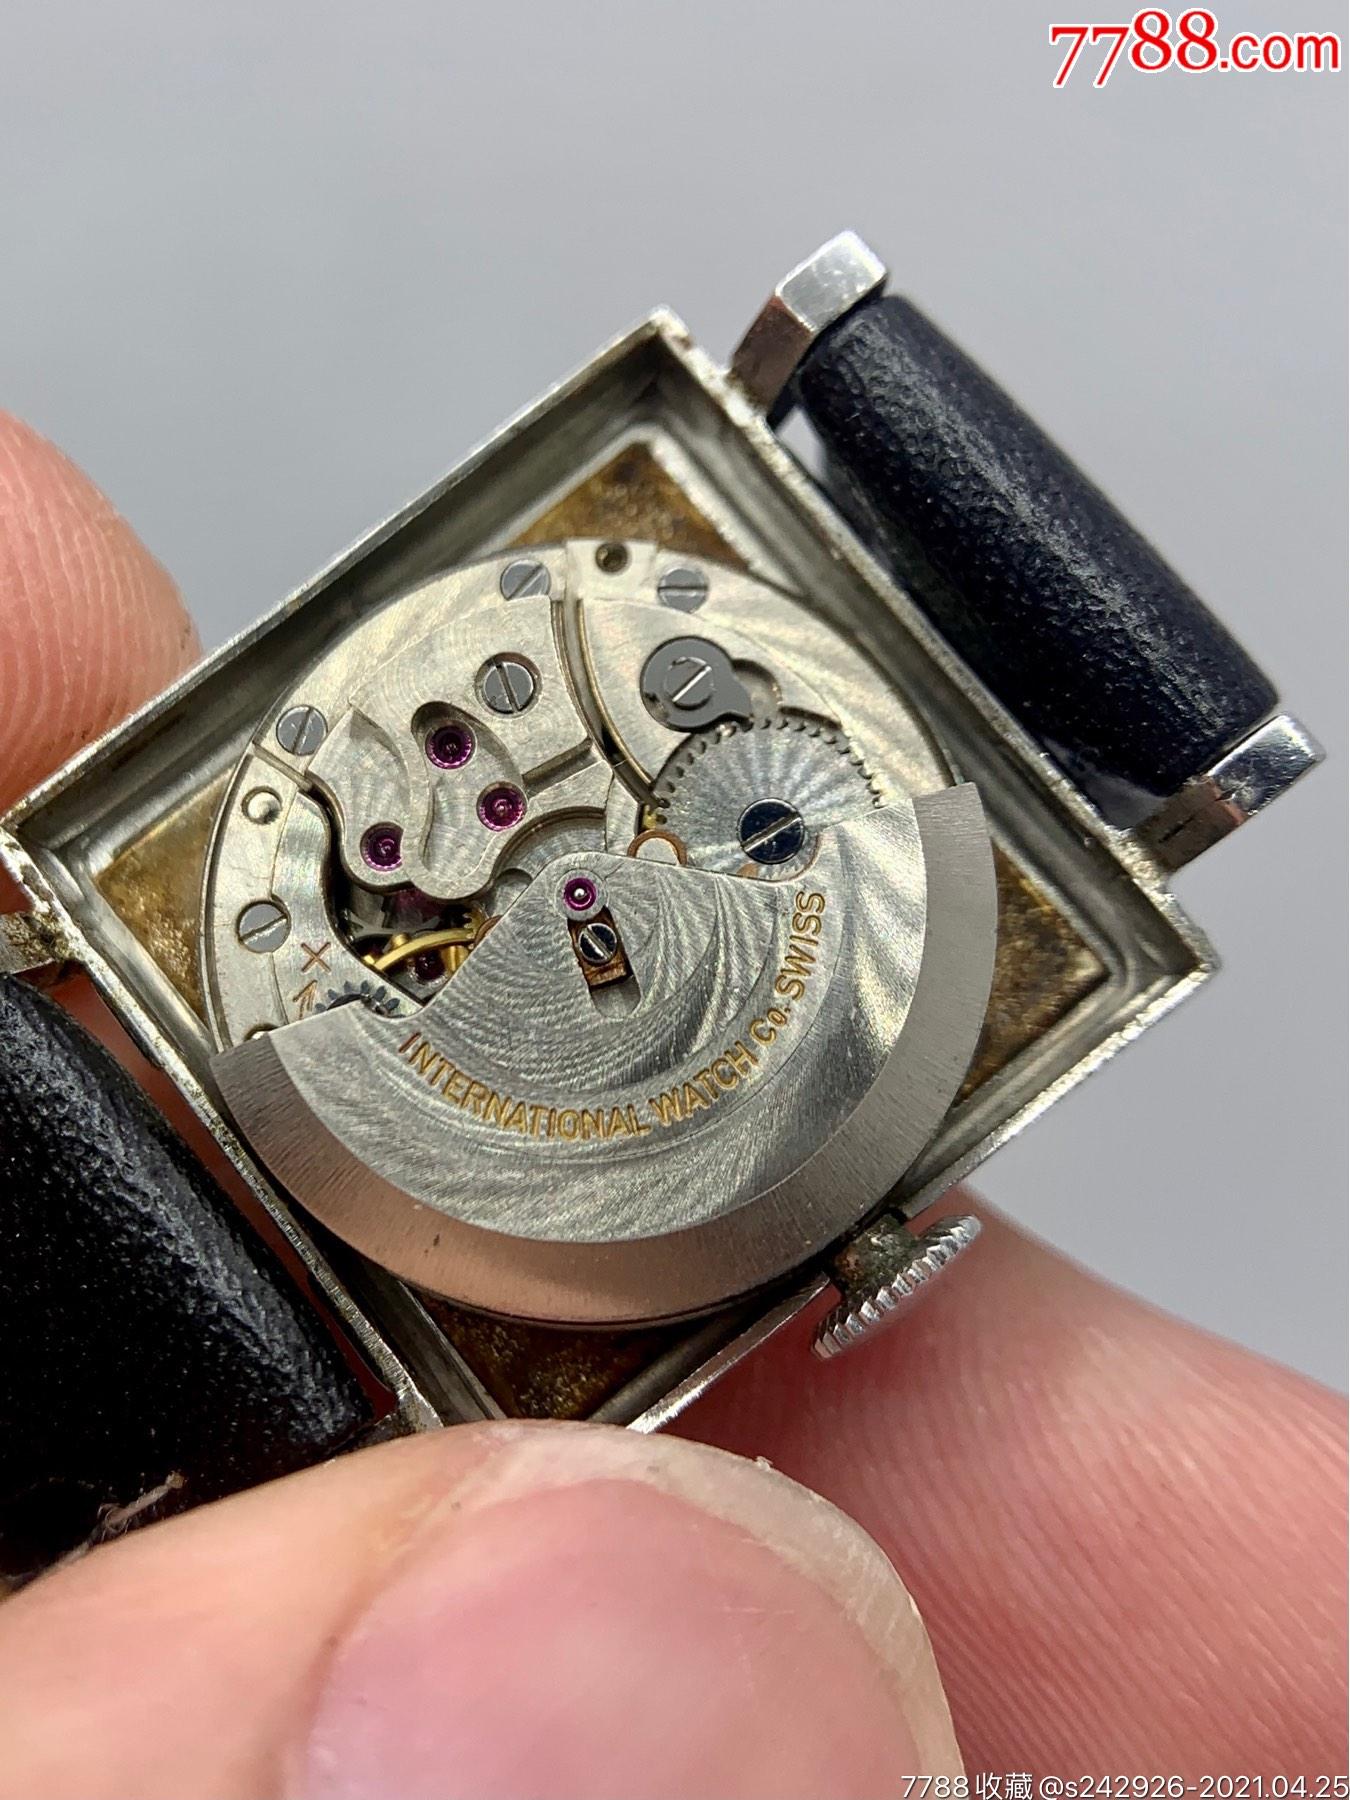 【萬國iwc】全自動機械手表雙金頭啄木鳥機芯_價格1039元_第8張_